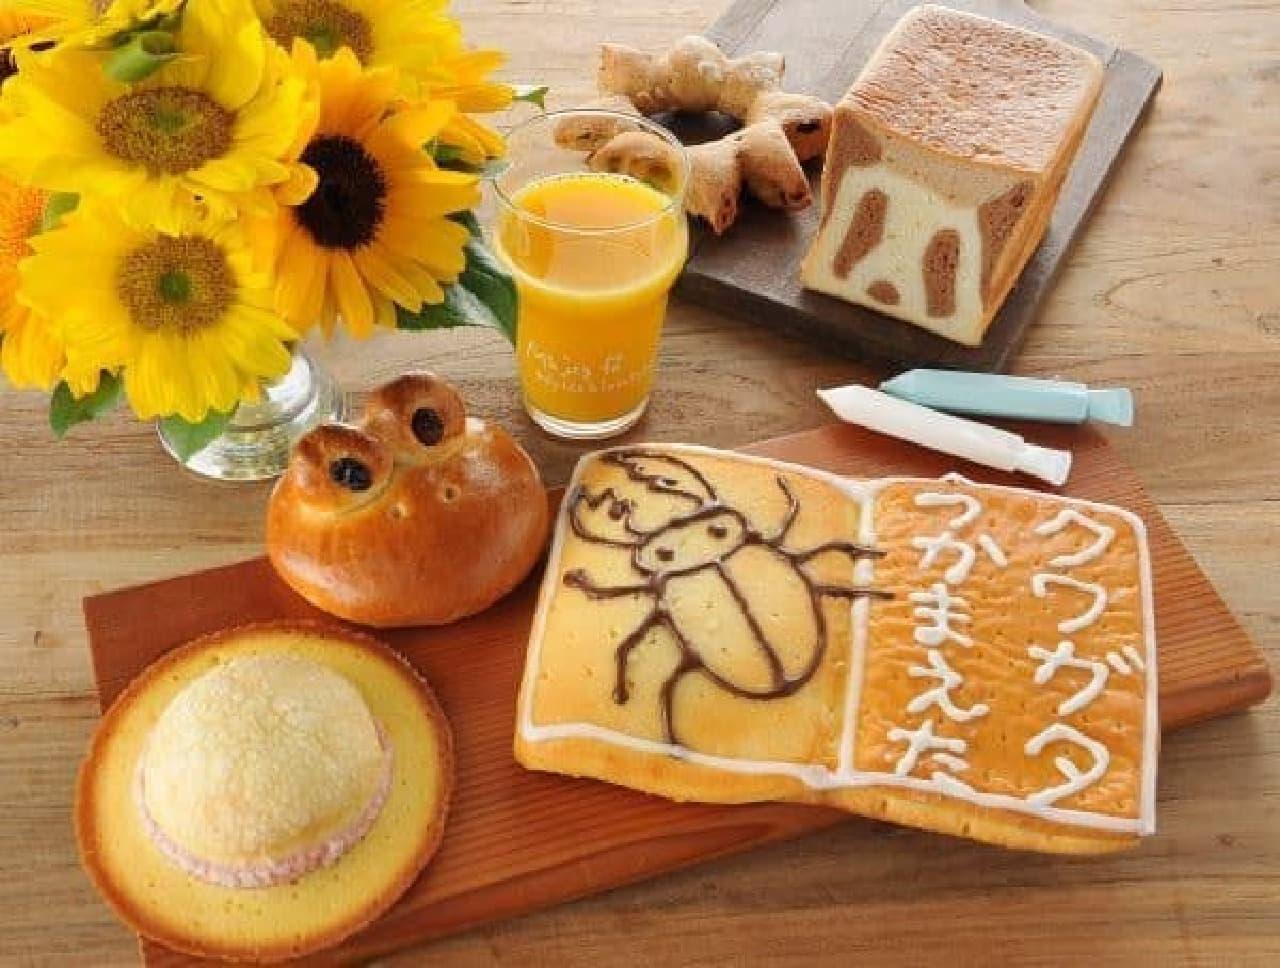 夏の思い出をパンに描こう!「夏休み絵日記パンセット」